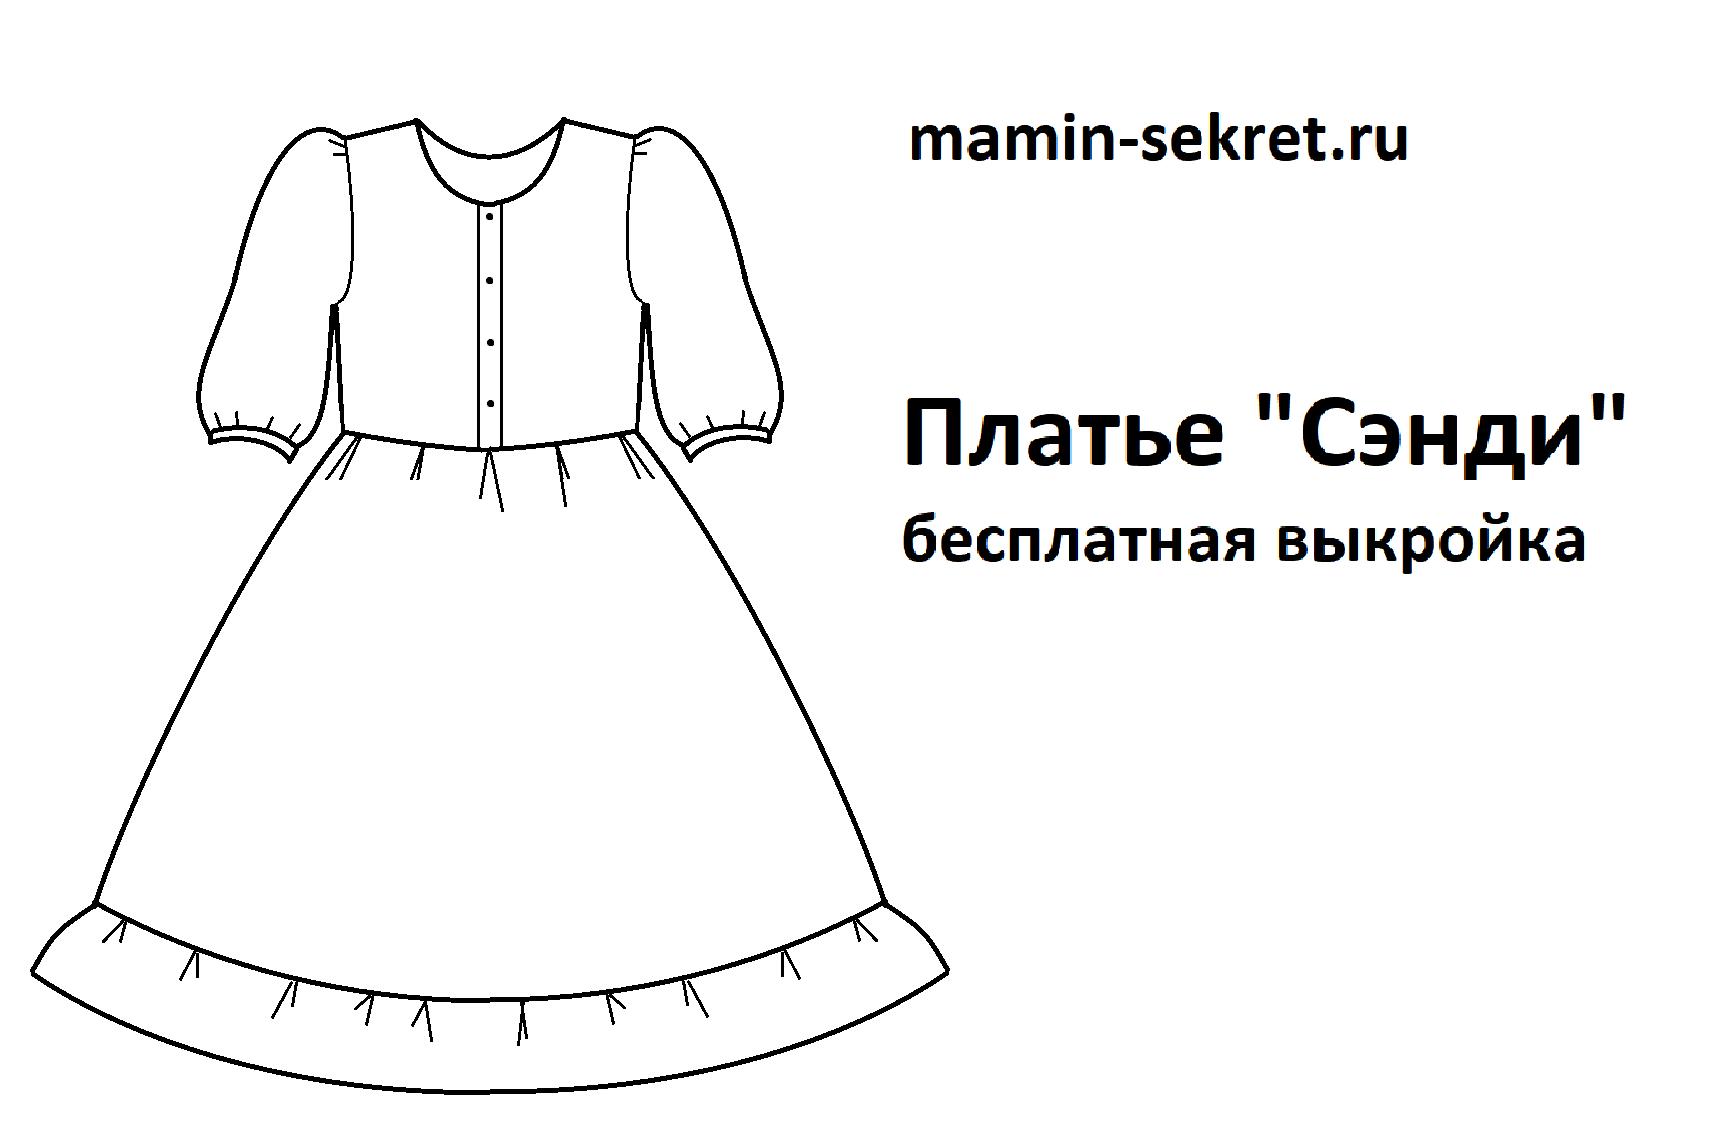 Бесплатная выкройка детского платья в стиле бохо